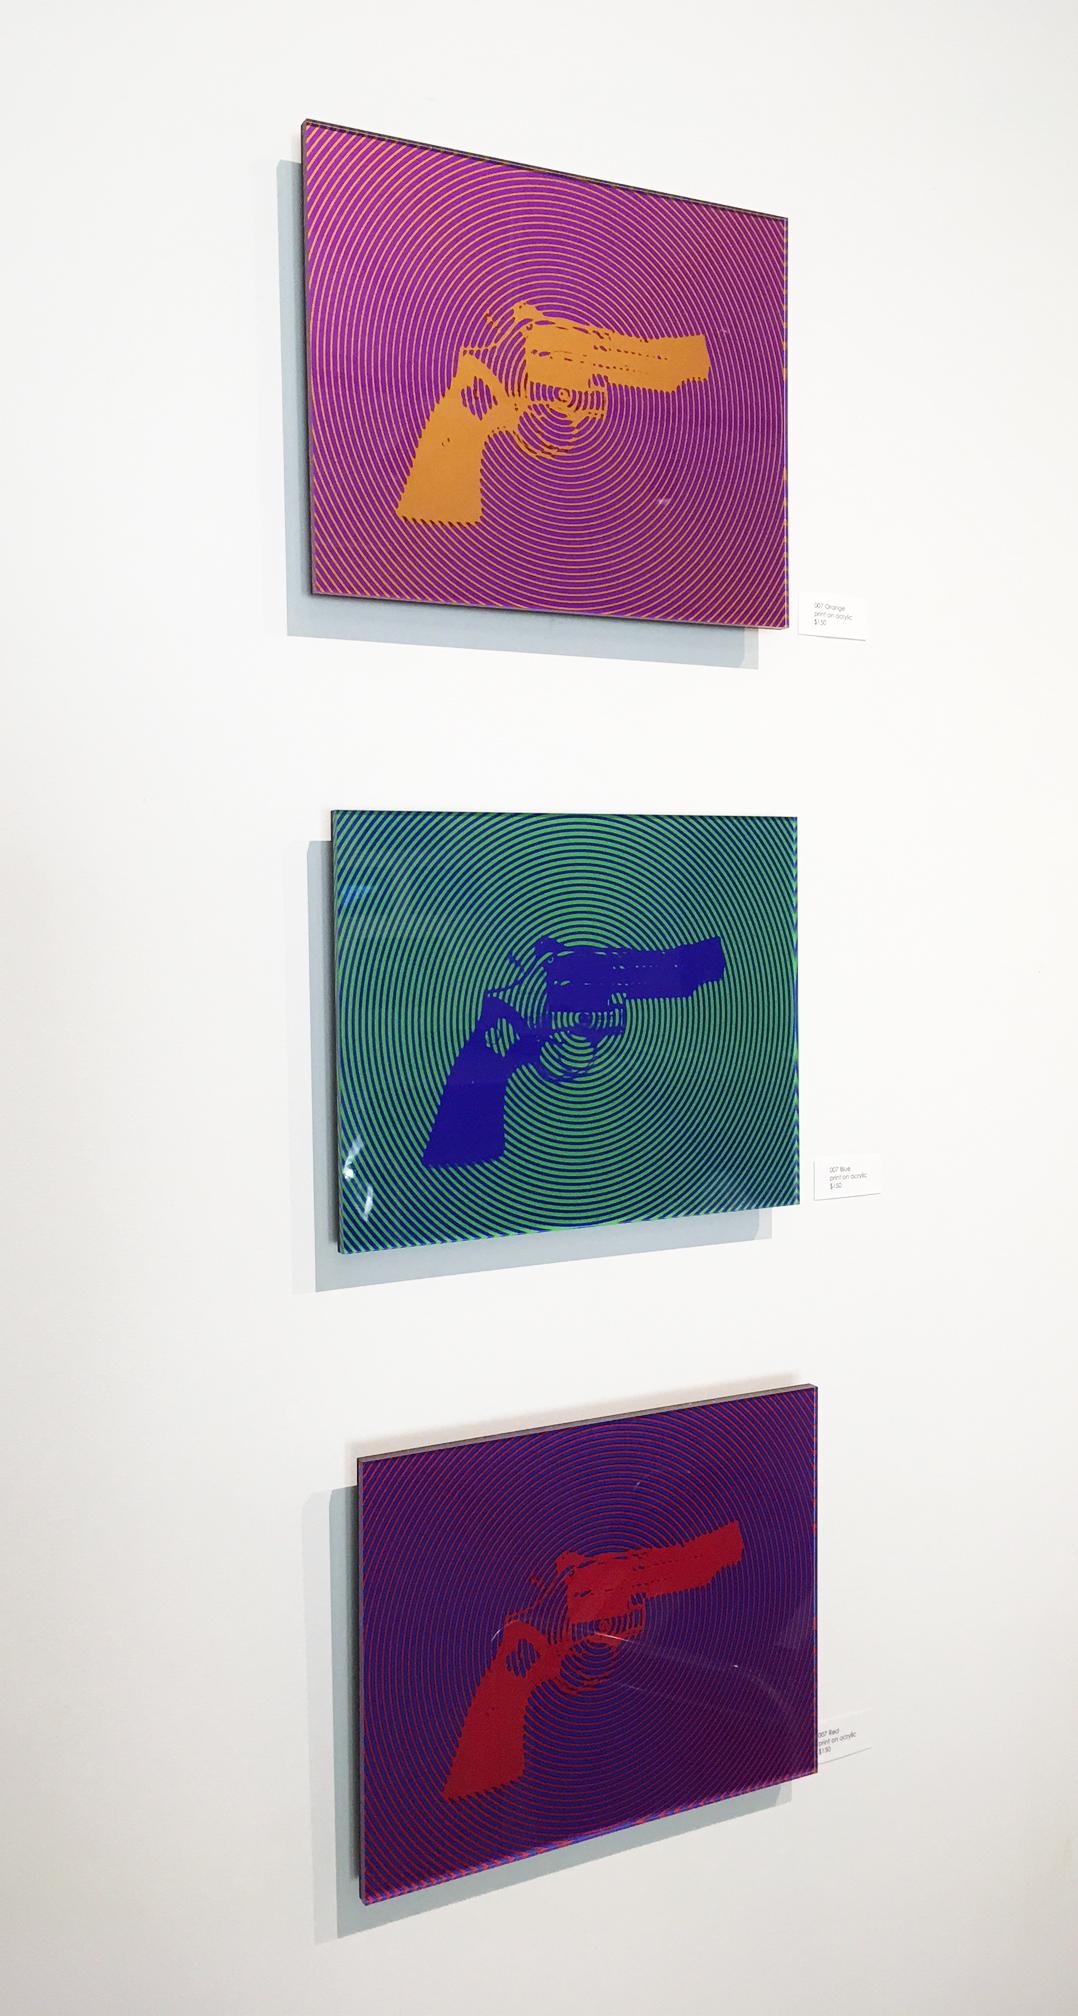 gun show gallery wall 2.JPG